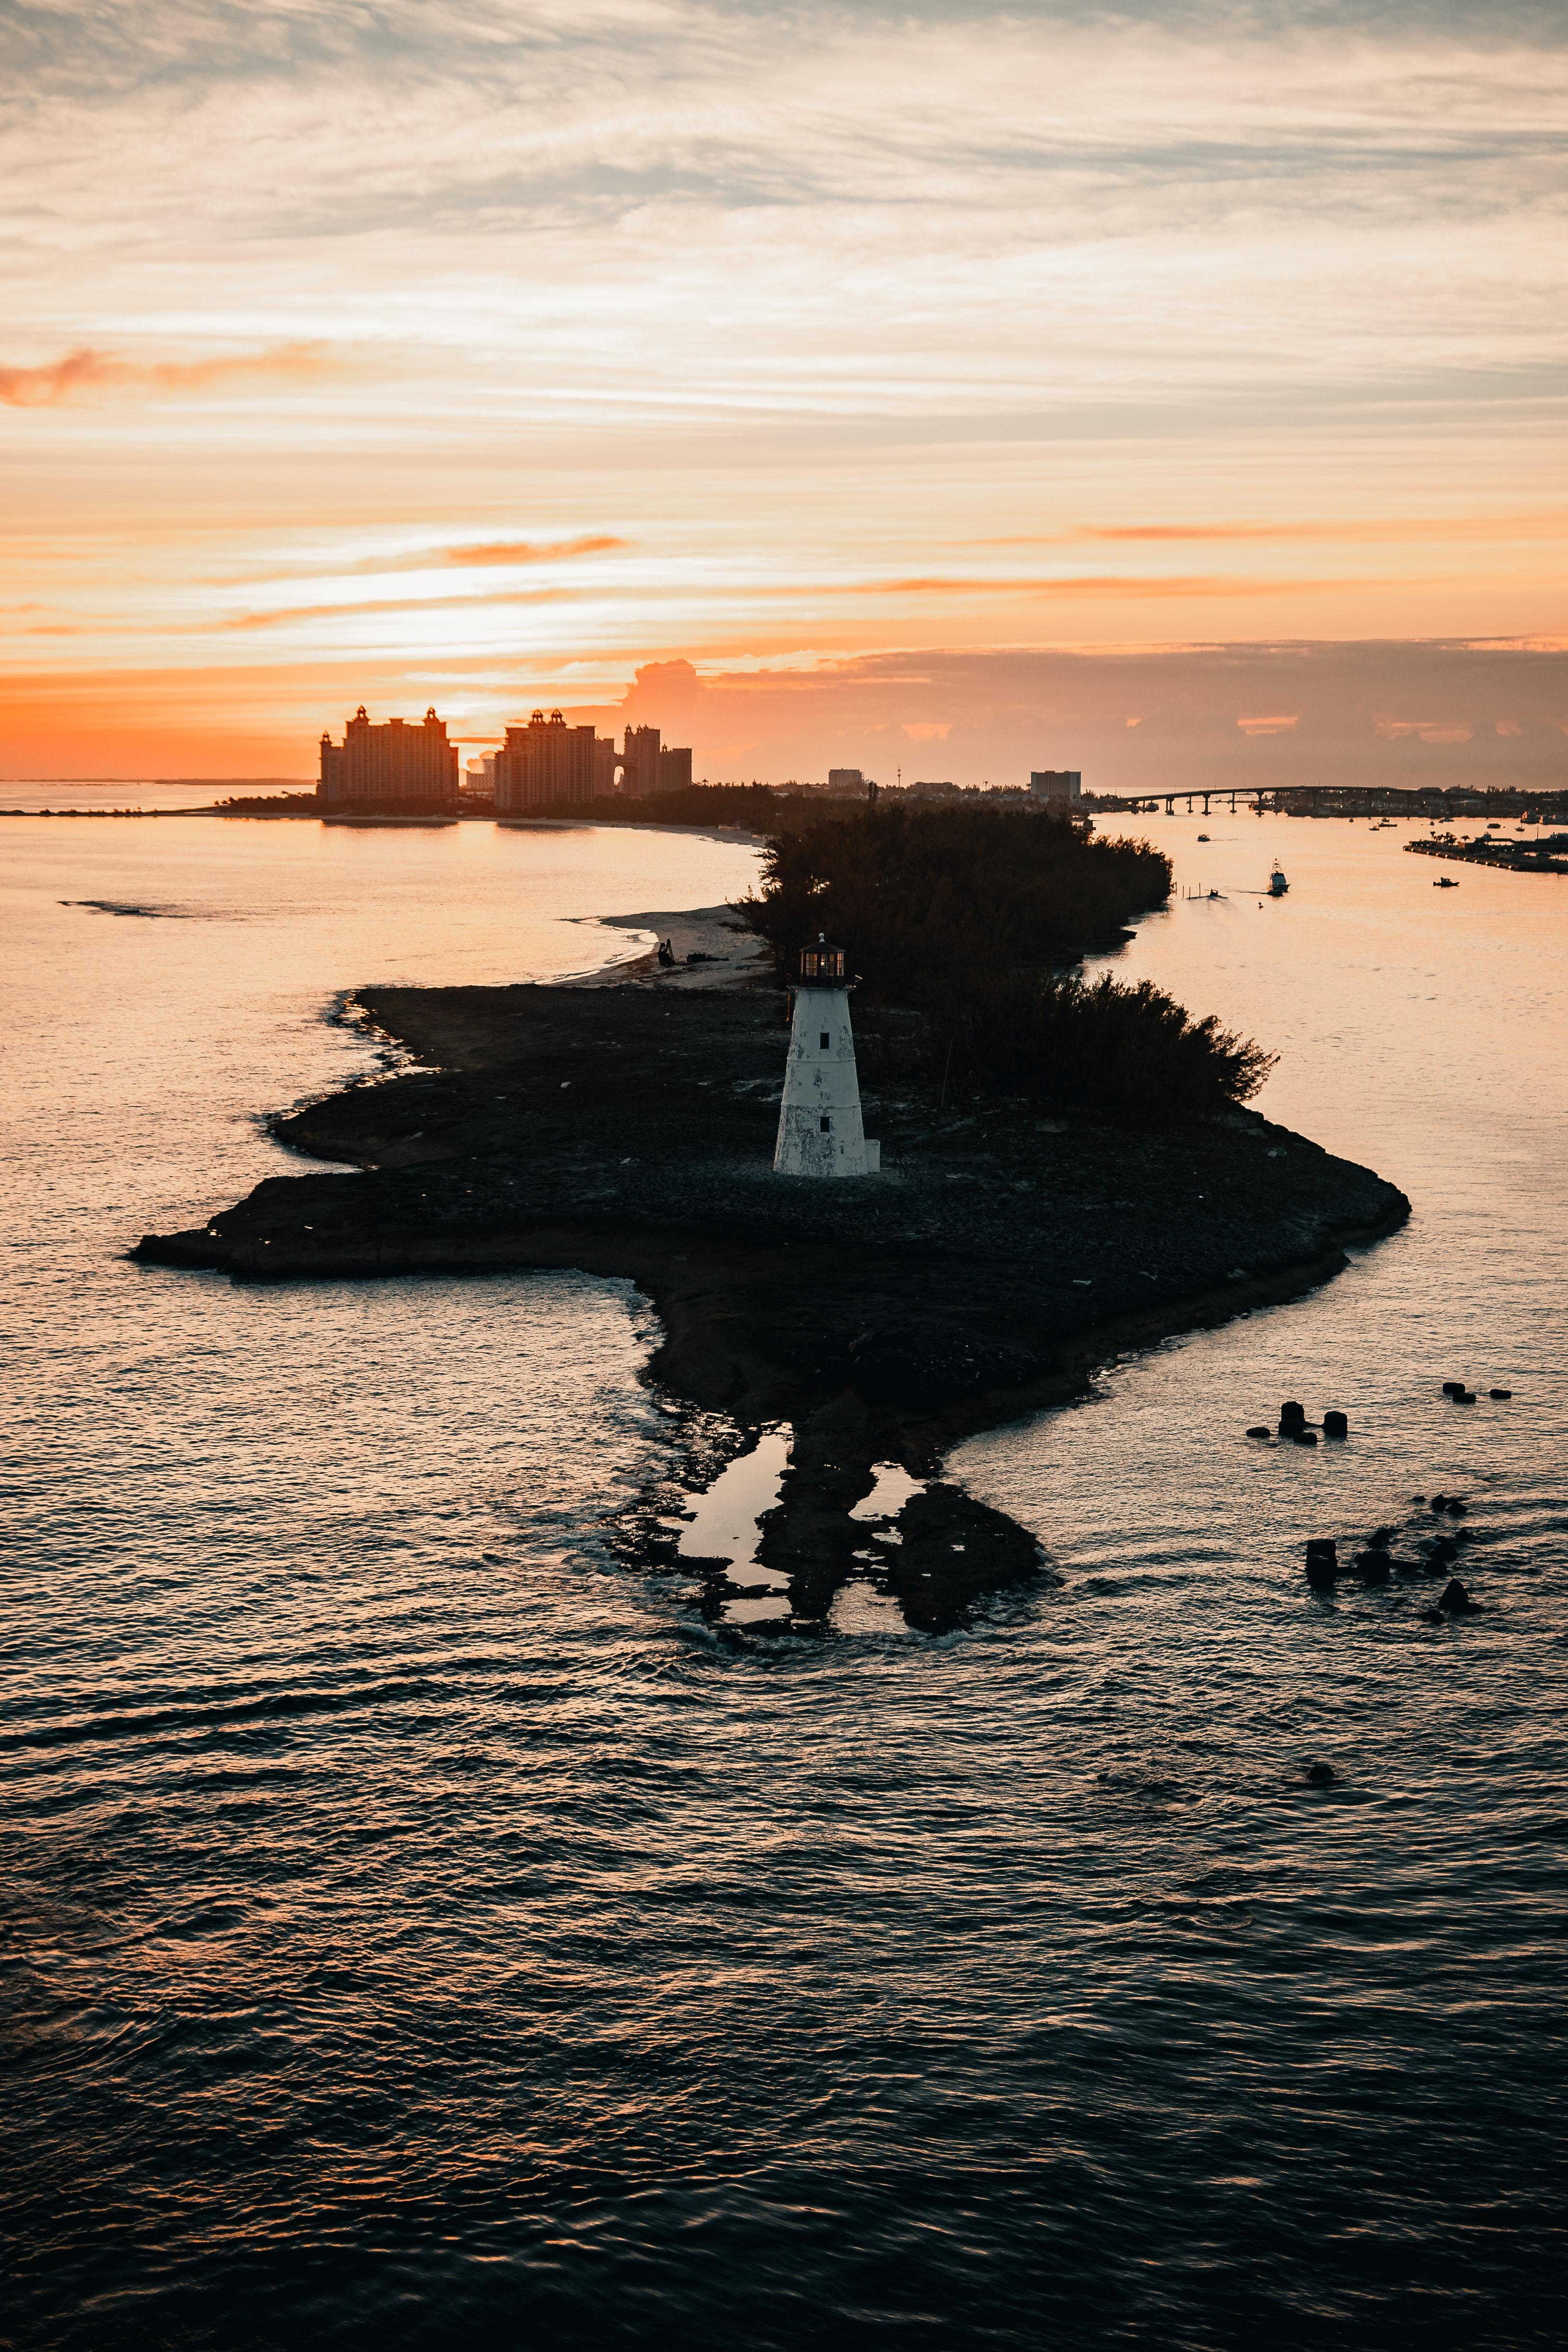 145362壁紙のダウンロードその他, 雑, 灯台, タワー, 塔, 島, 海, 建物, 日没-スクリーンセーバーと写真を無料で